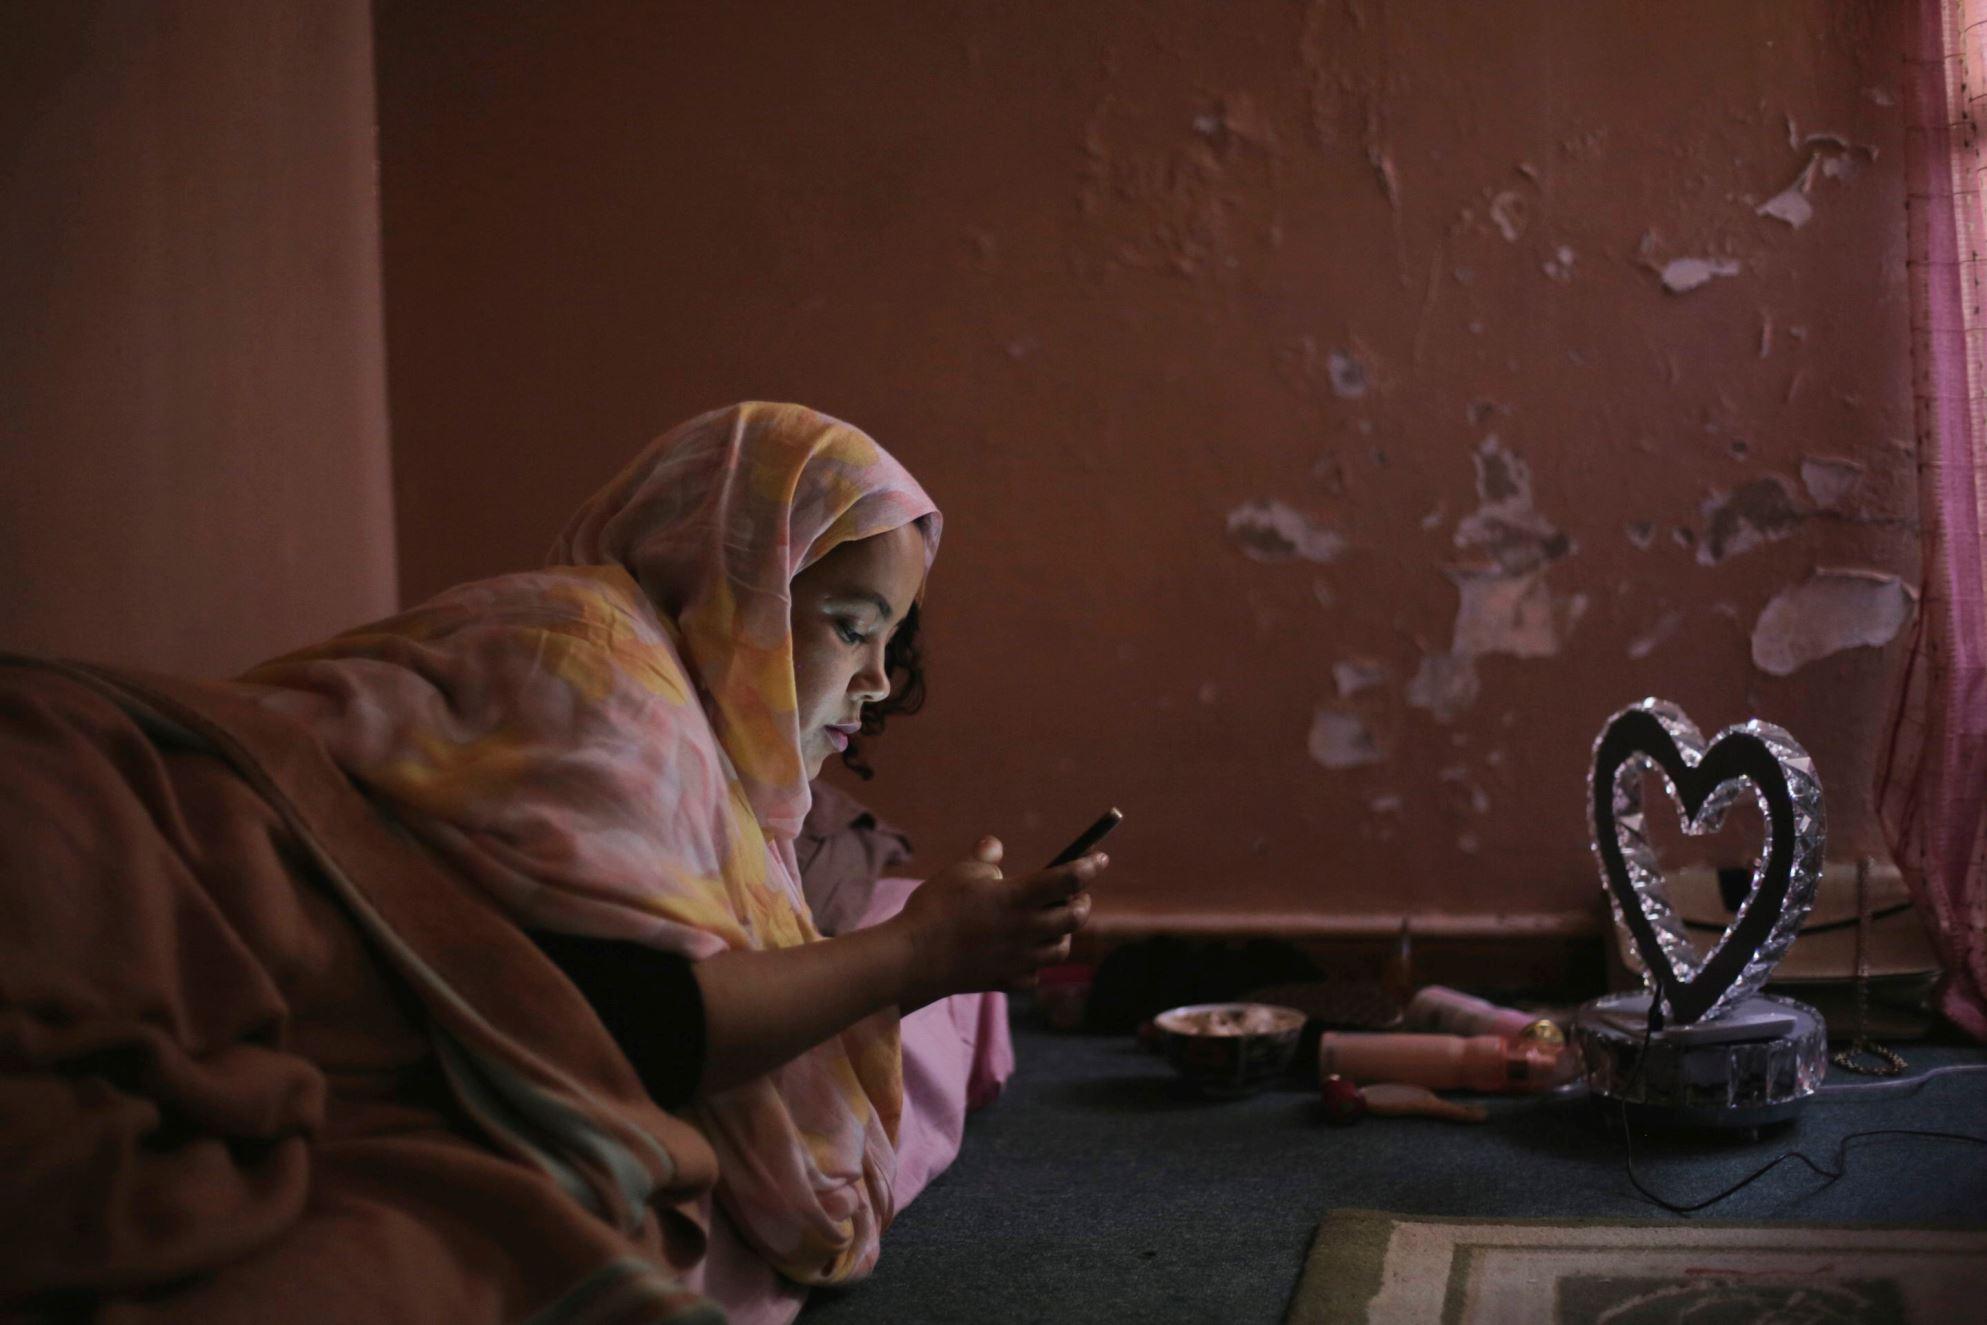 Il corpo della sposa: Verida Beitta Ahmed Deiche in un momento del film